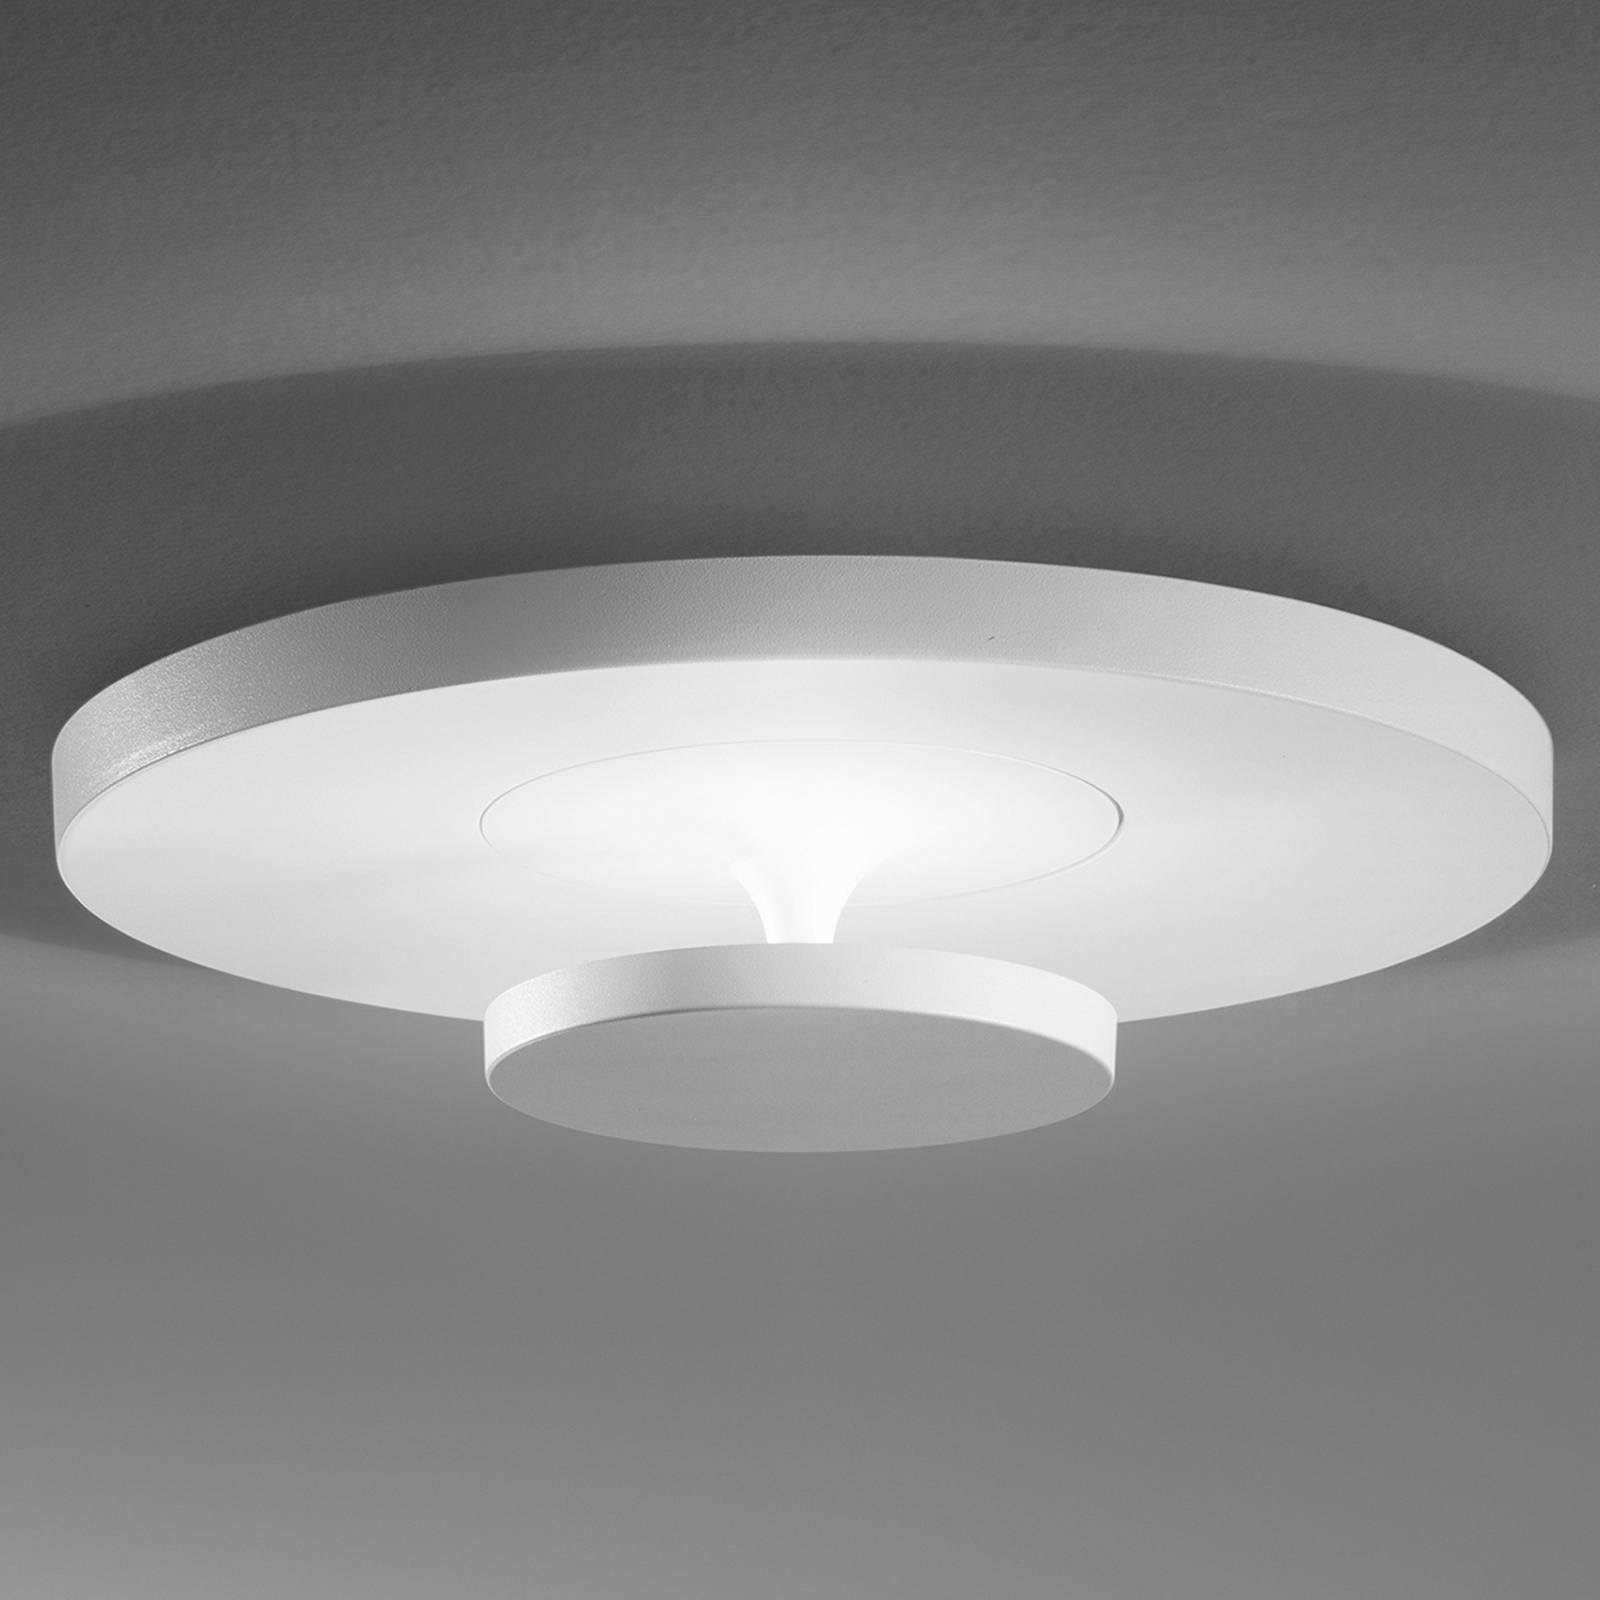 Lampa sufitowa LED Sunny z pośrednim oświetleniem